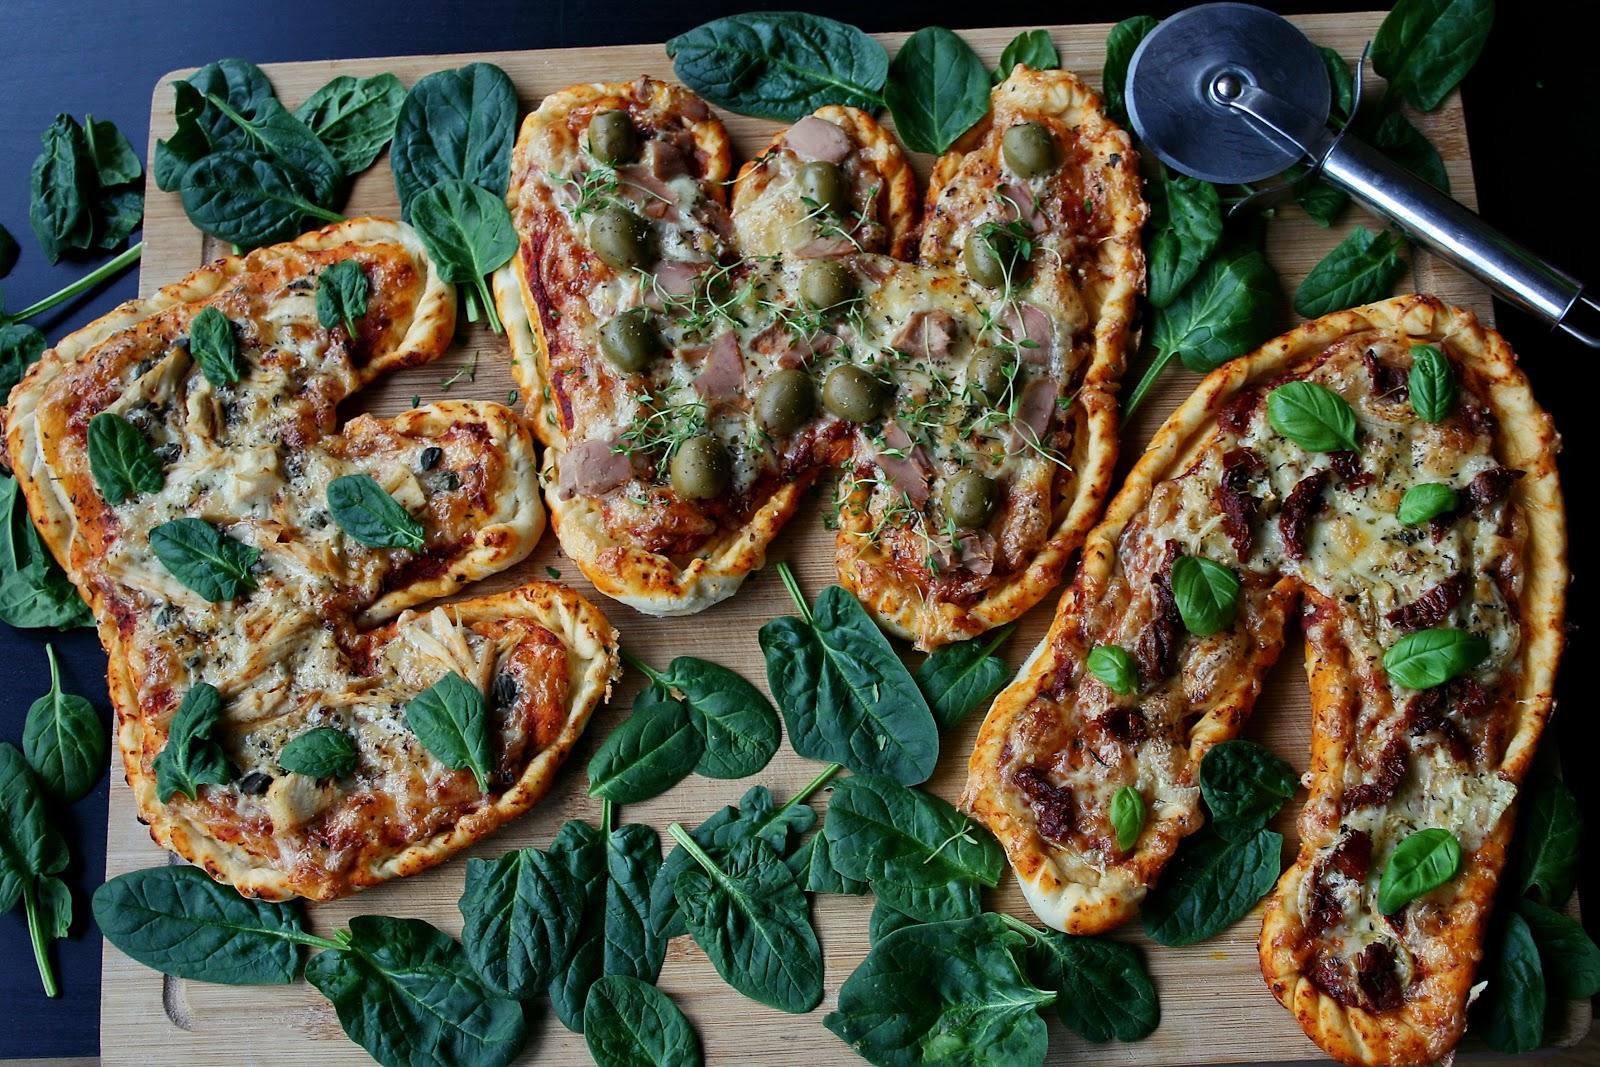 PIZZA 1 x 3 z dedykacją – czyli jedno ciasto trzy smaki (z tuńczykiem i oliwkami, szalotką i suszonymi pomidorami, kurczakiem i kaparami)